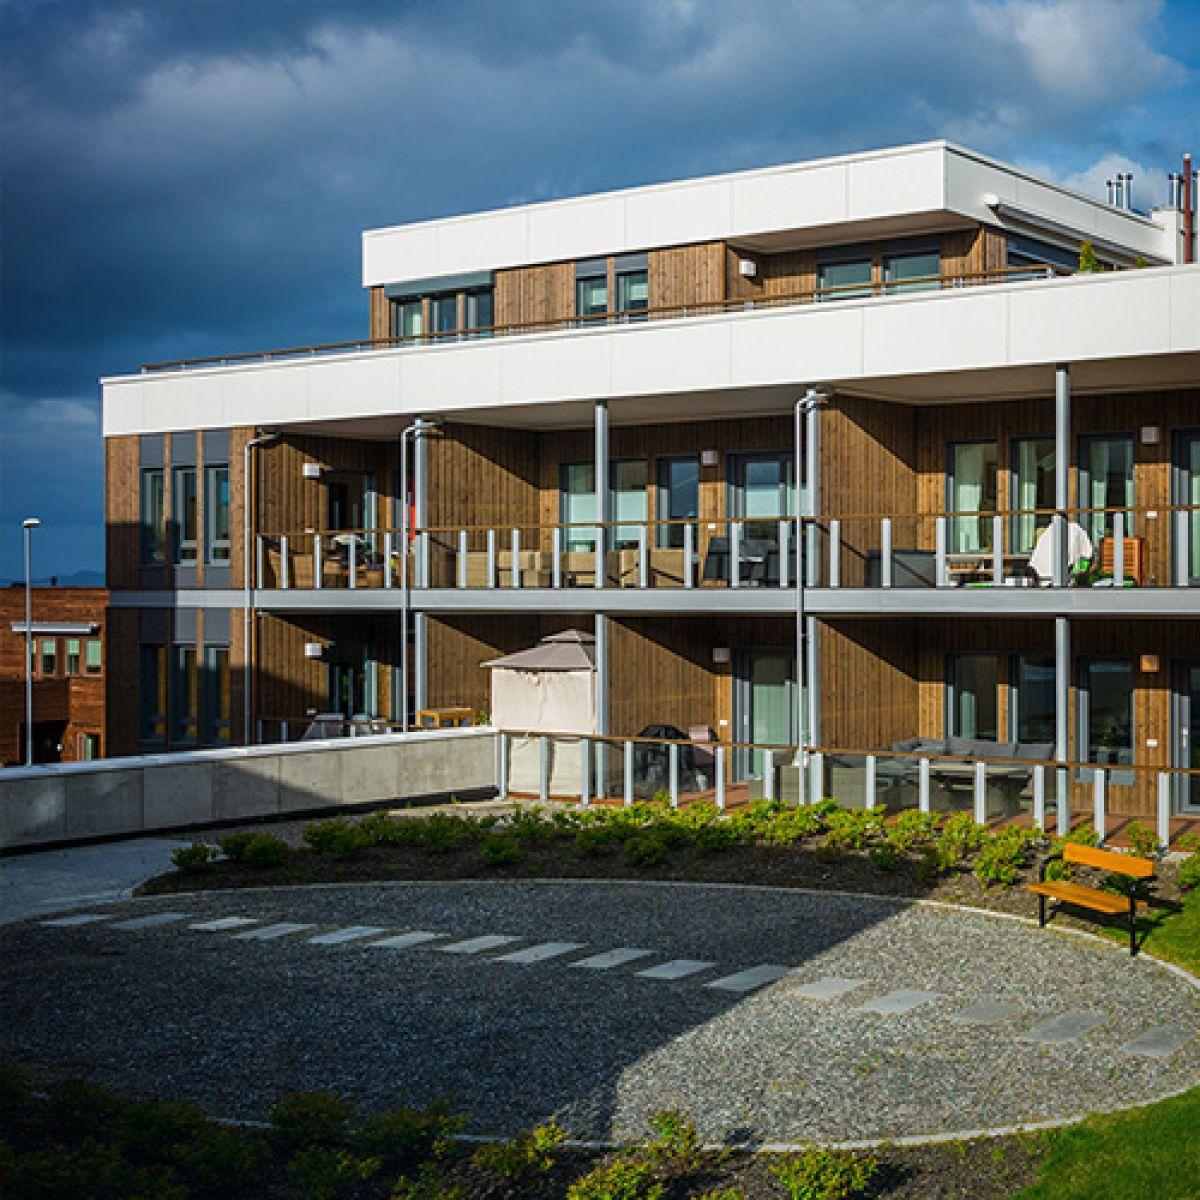 """Жилой комплекс """"Grilstad Park B3"""" в Тронхейме, Норвегия"""